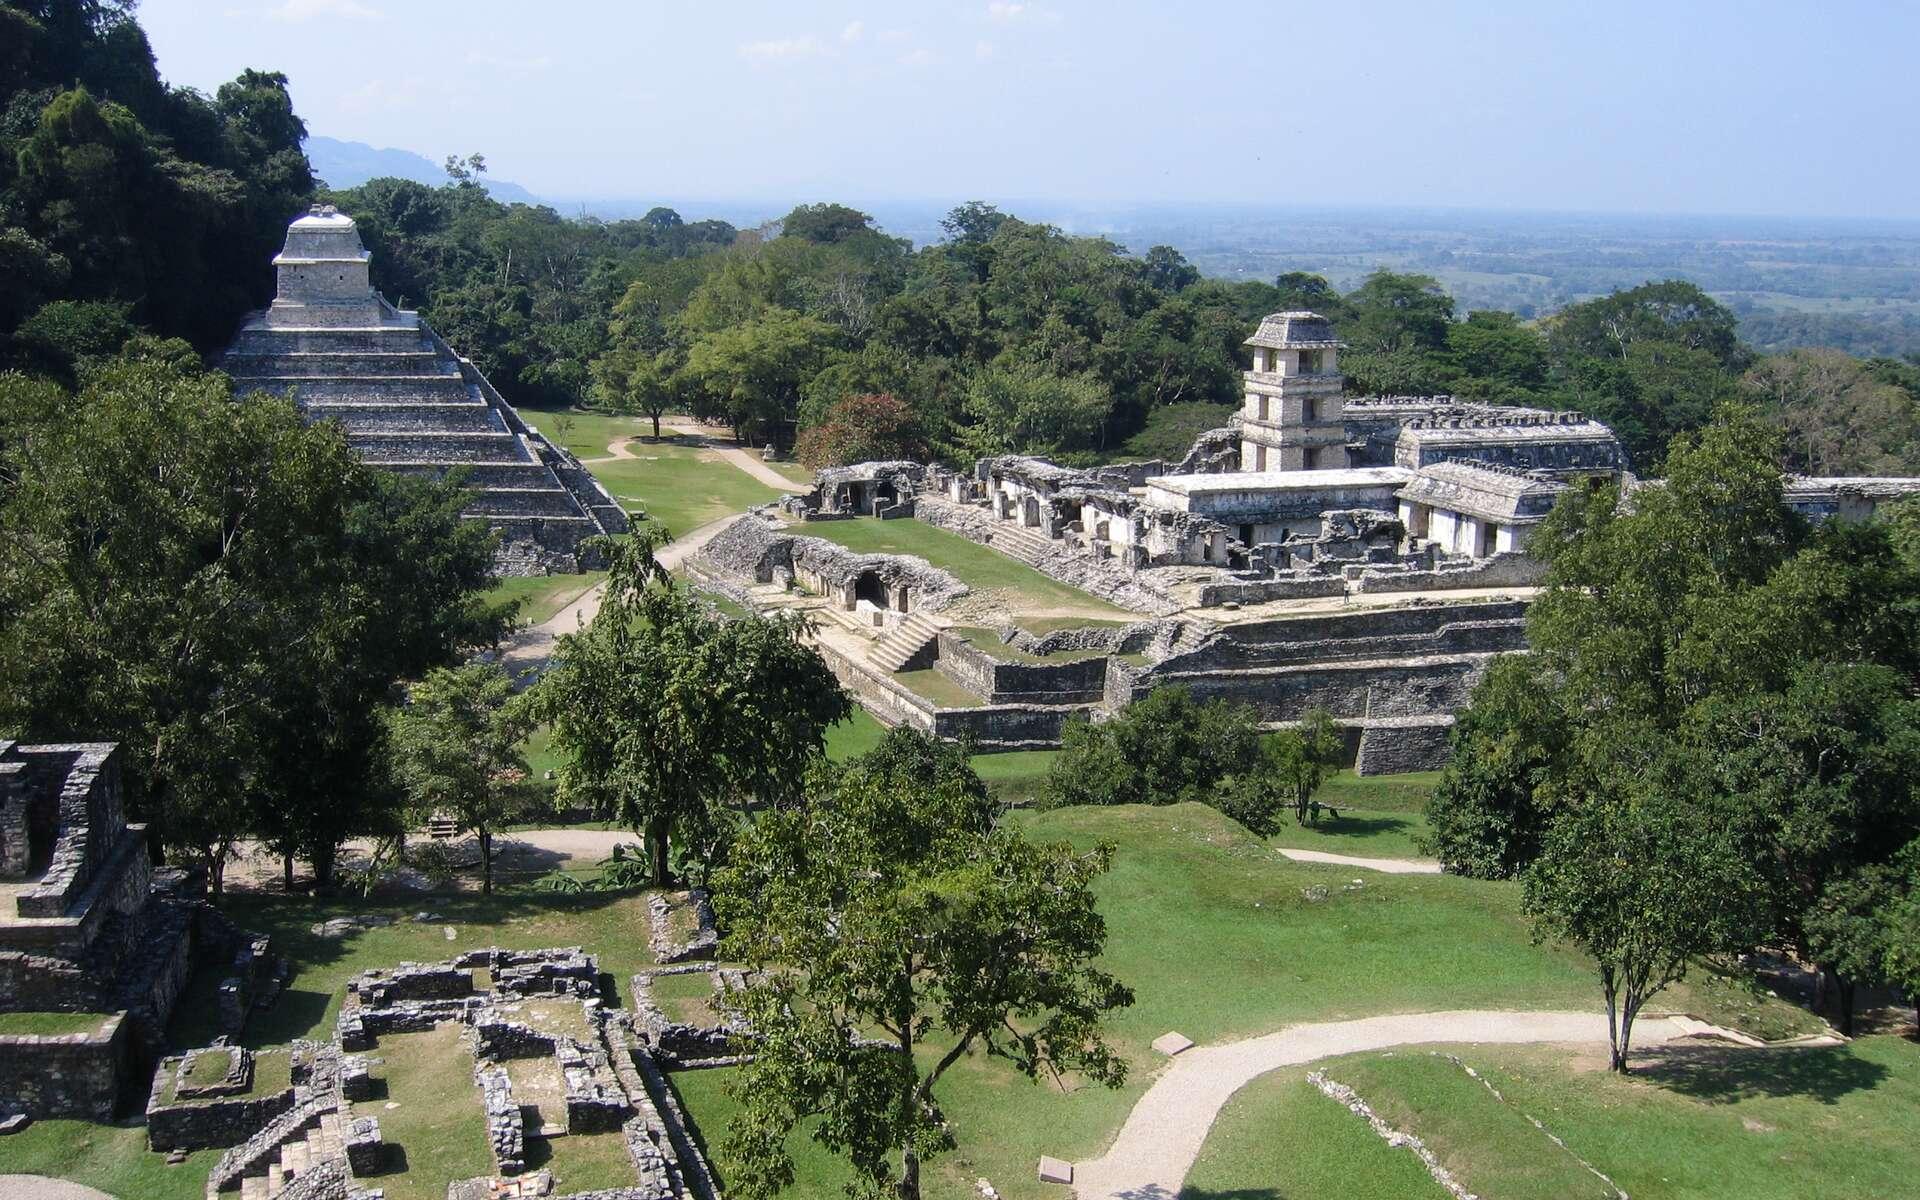 Palenque, dans l'État mexicain du Chiapas, près du fleuve Usumacinta, est mondialement célèbre. C'est l'un des sites mayas les plus impressionnants et on en connaît aujourd'hui probablement moins de 10 % de sa superficie. Il reste encore plus de mille structures couvertes par la forêt. © Wikipédia, Peter Andersen